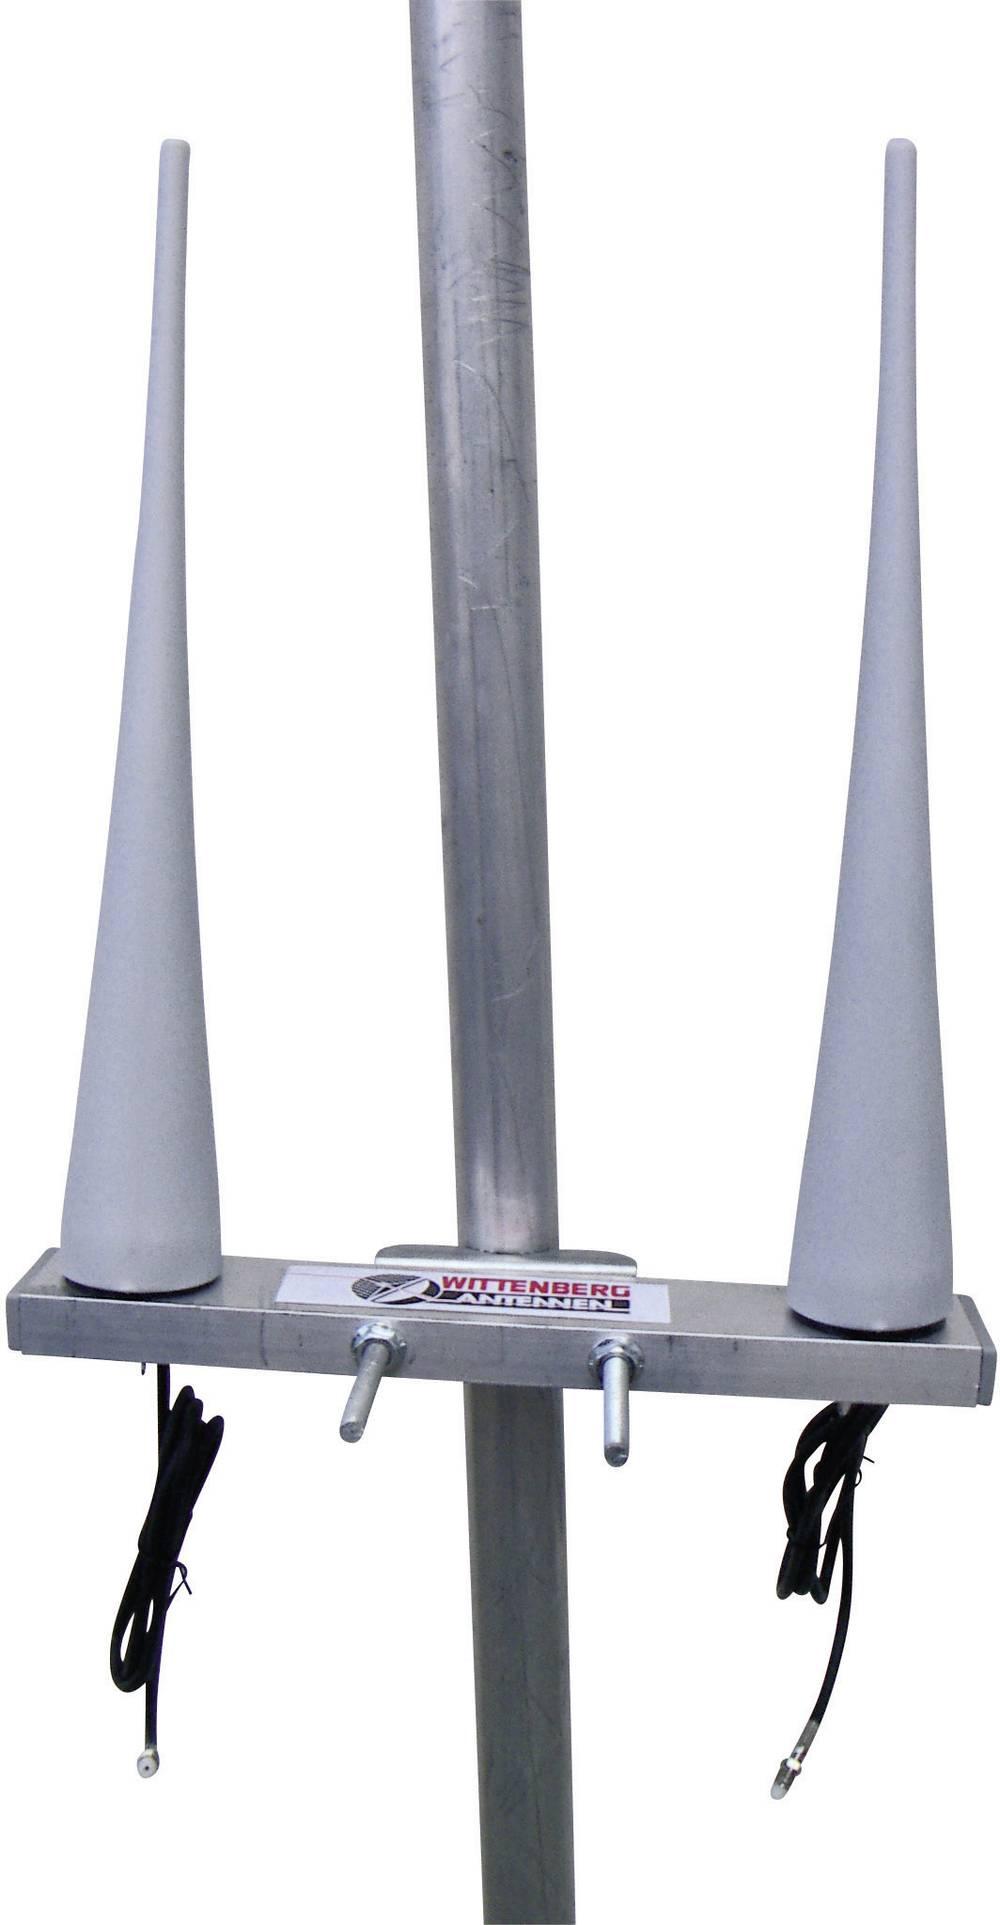 Enota z zunanjo anteno LTE zasprejem brezžičnega omrežja LTE, 800 MHz 102736 Wittenberg Antennen